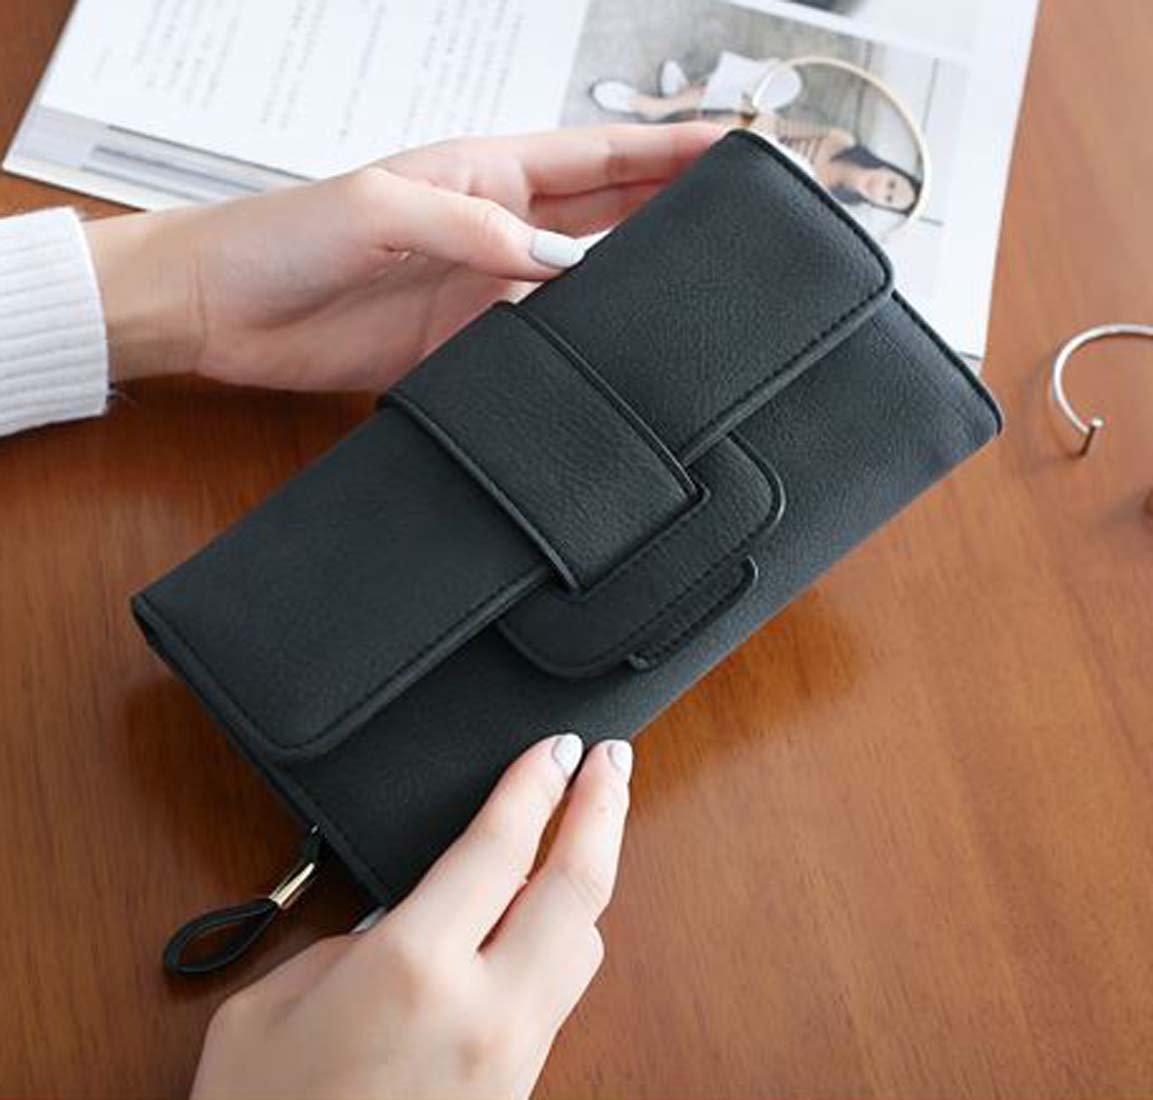 d33ed0748db35 ... DNFC Geldbörse Damen Portemonnaie Lang Portmonee Elegant Clutch  Handtasche Groß Geldbeutel PU Leder Geldtasche mit Reißverschluss